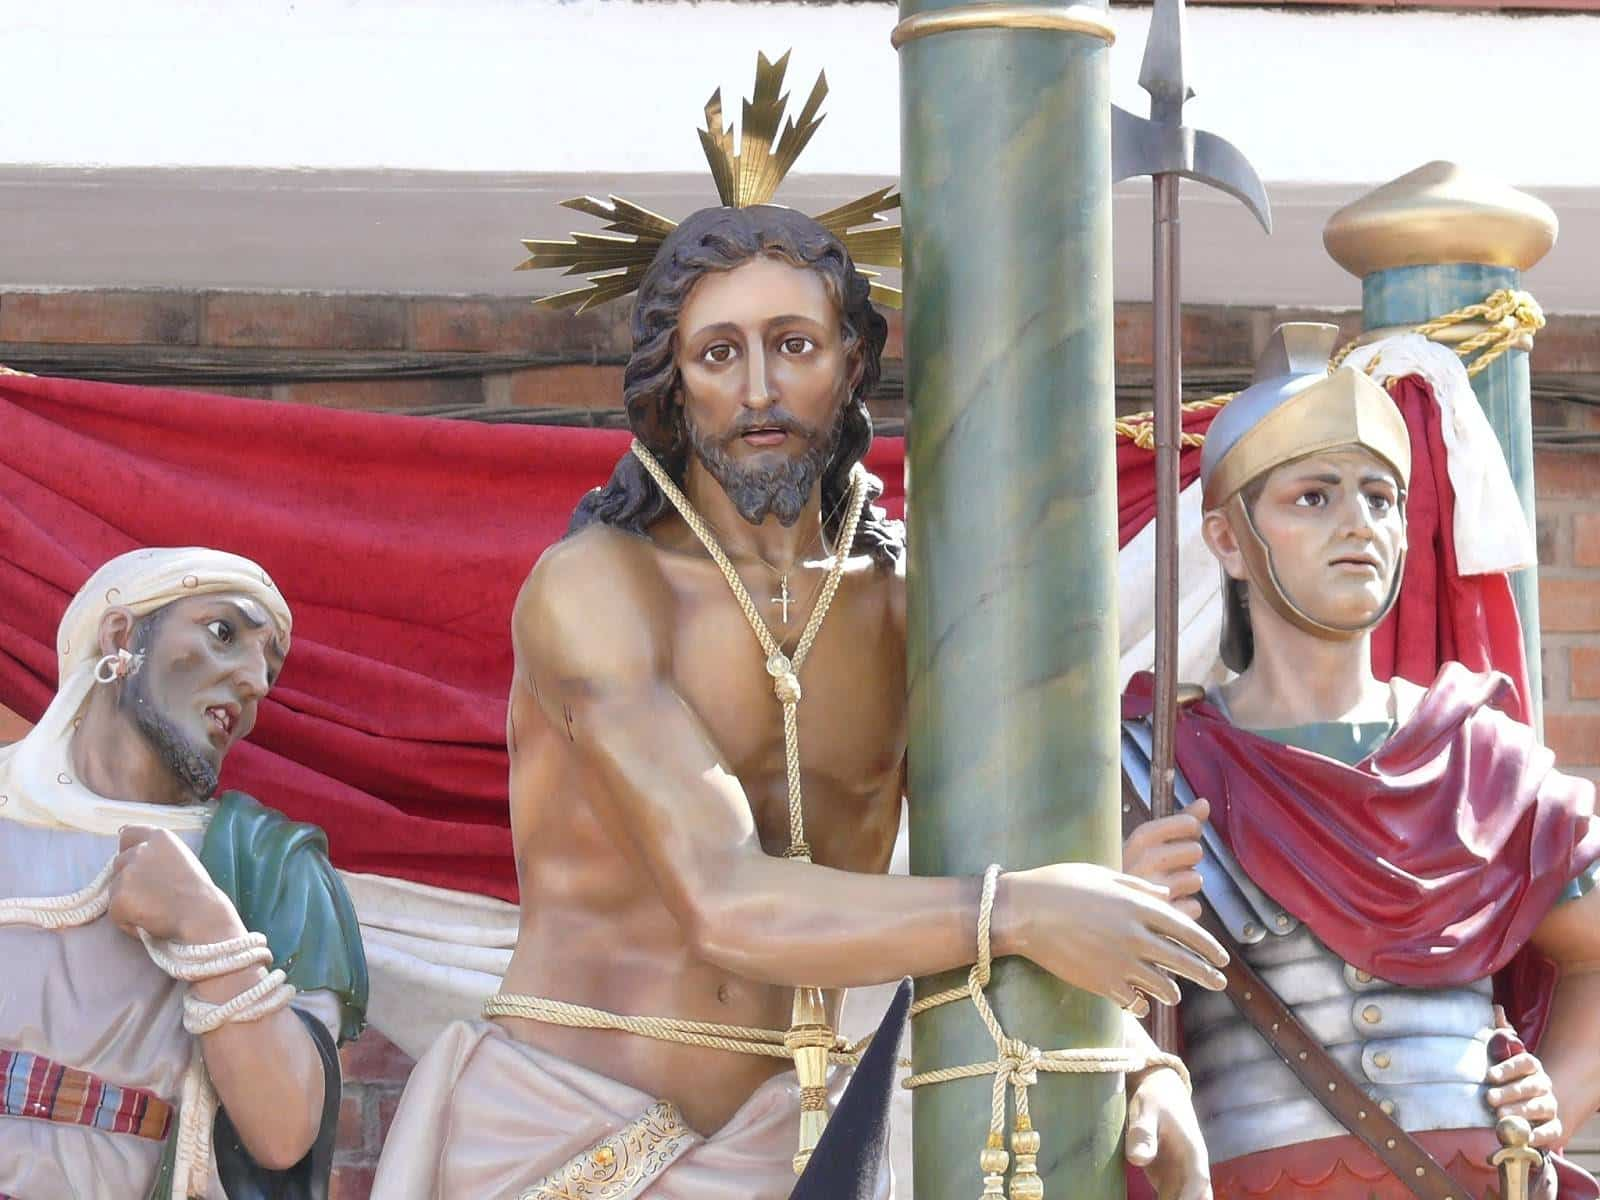 Cristo de la Columna de Herencia - Acto cofrade de la hermandad del Santo y besamanos del Cristo de la Columna